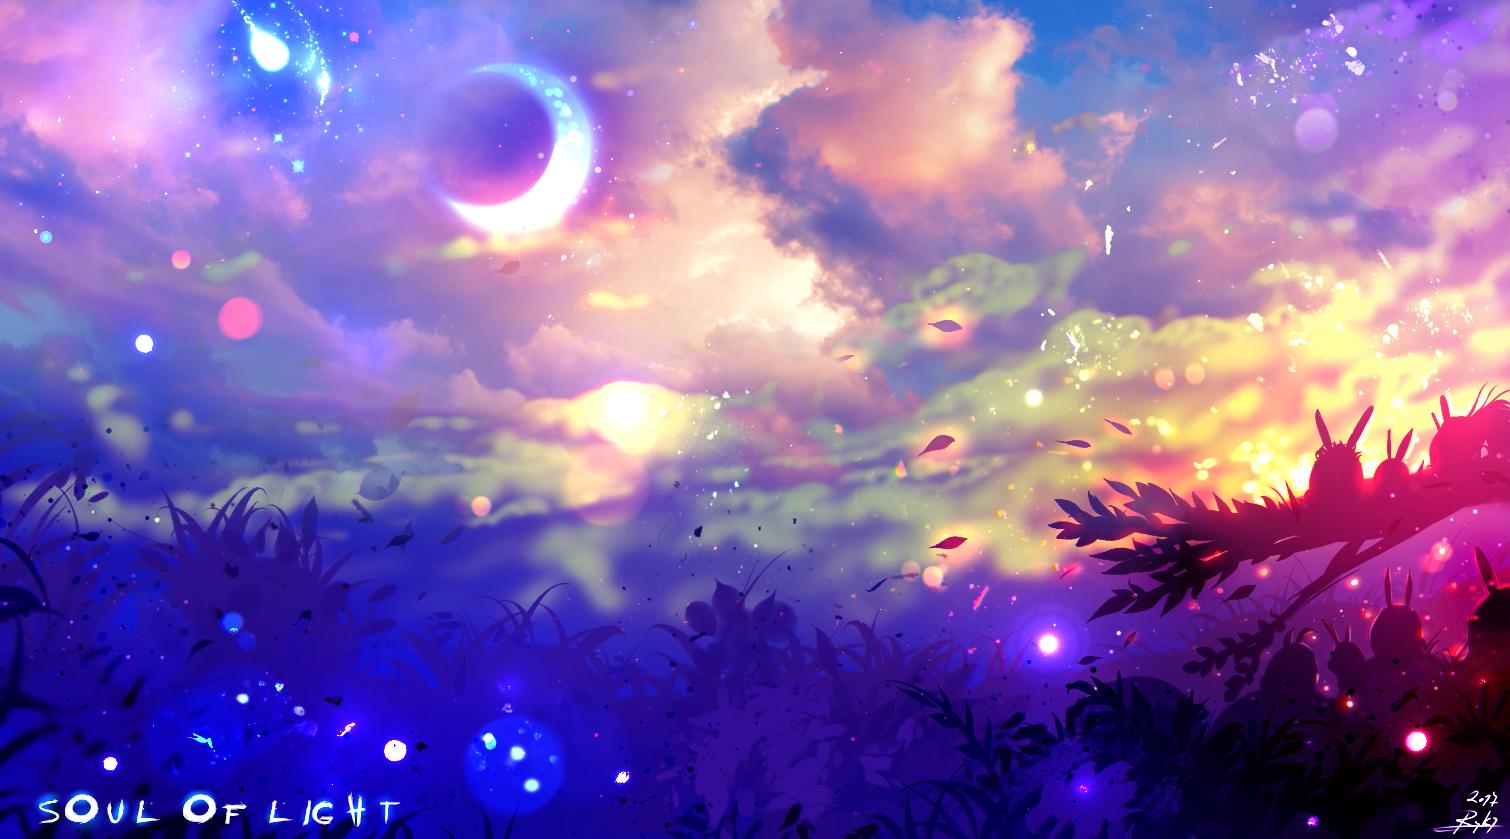 Soul of Light - Something Blue